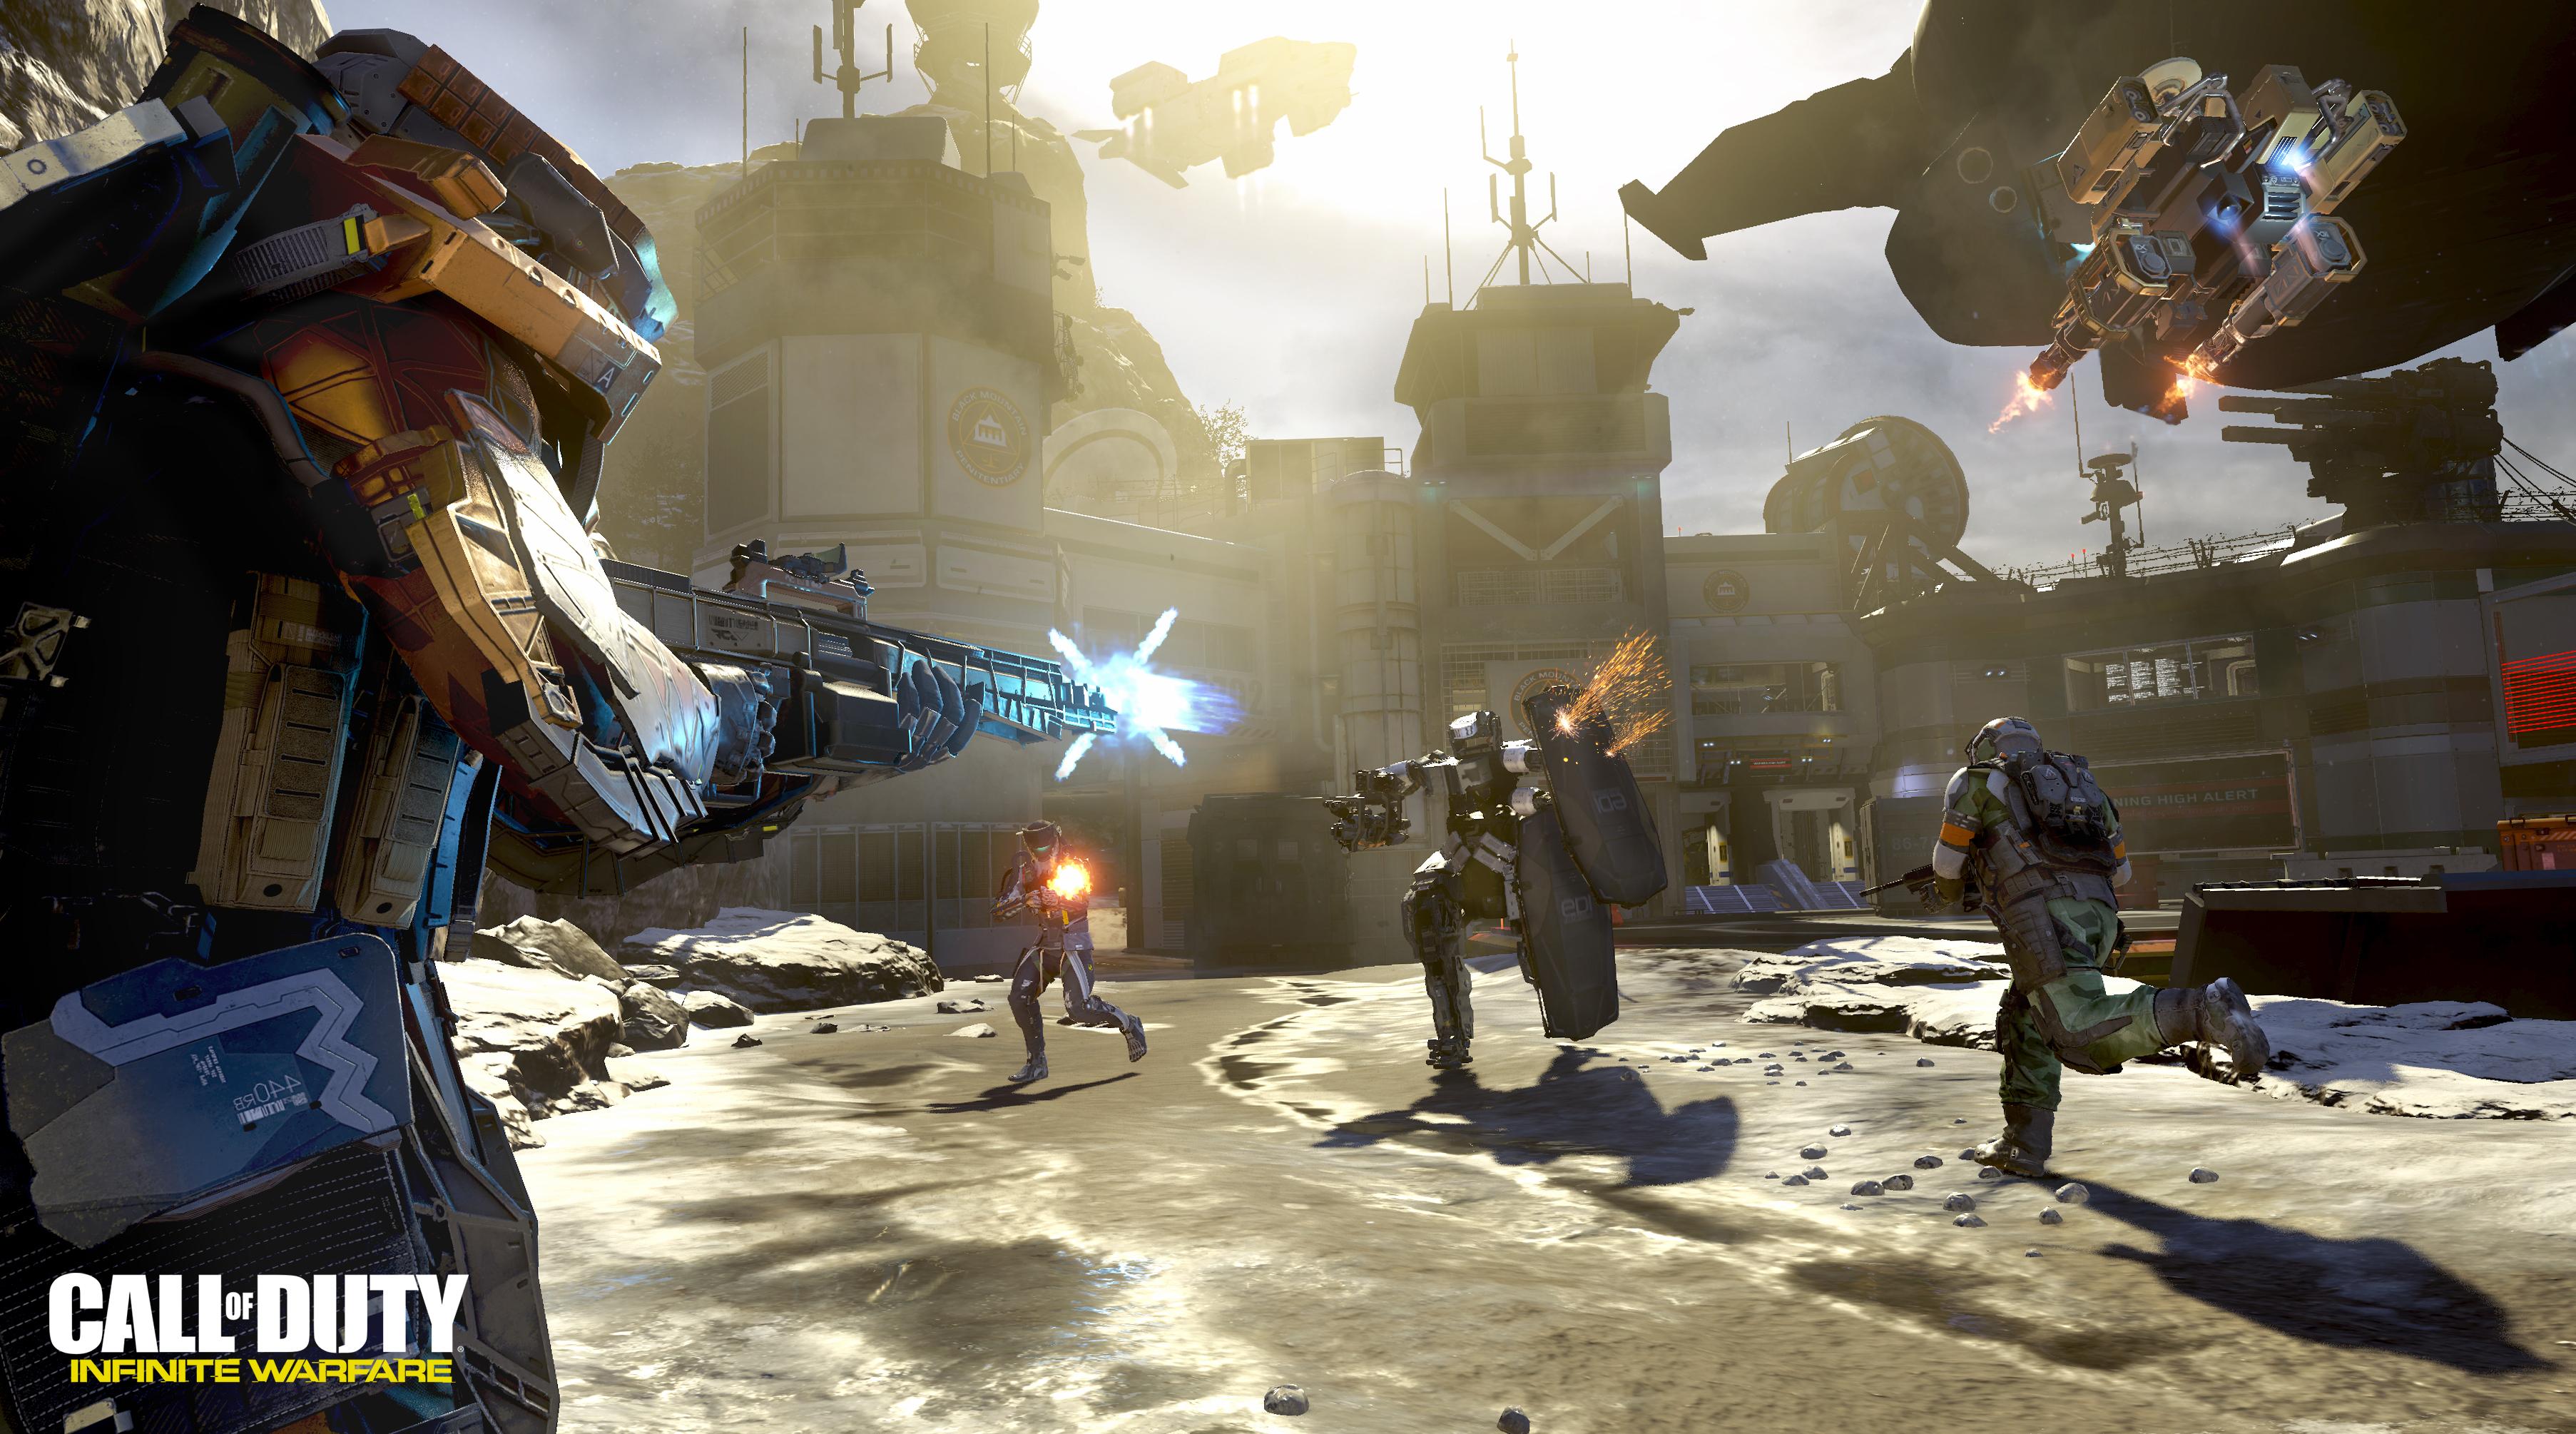 Call of Duty: Infinite Warfare - vše, co byste měli vědět, na jednom místě 130063